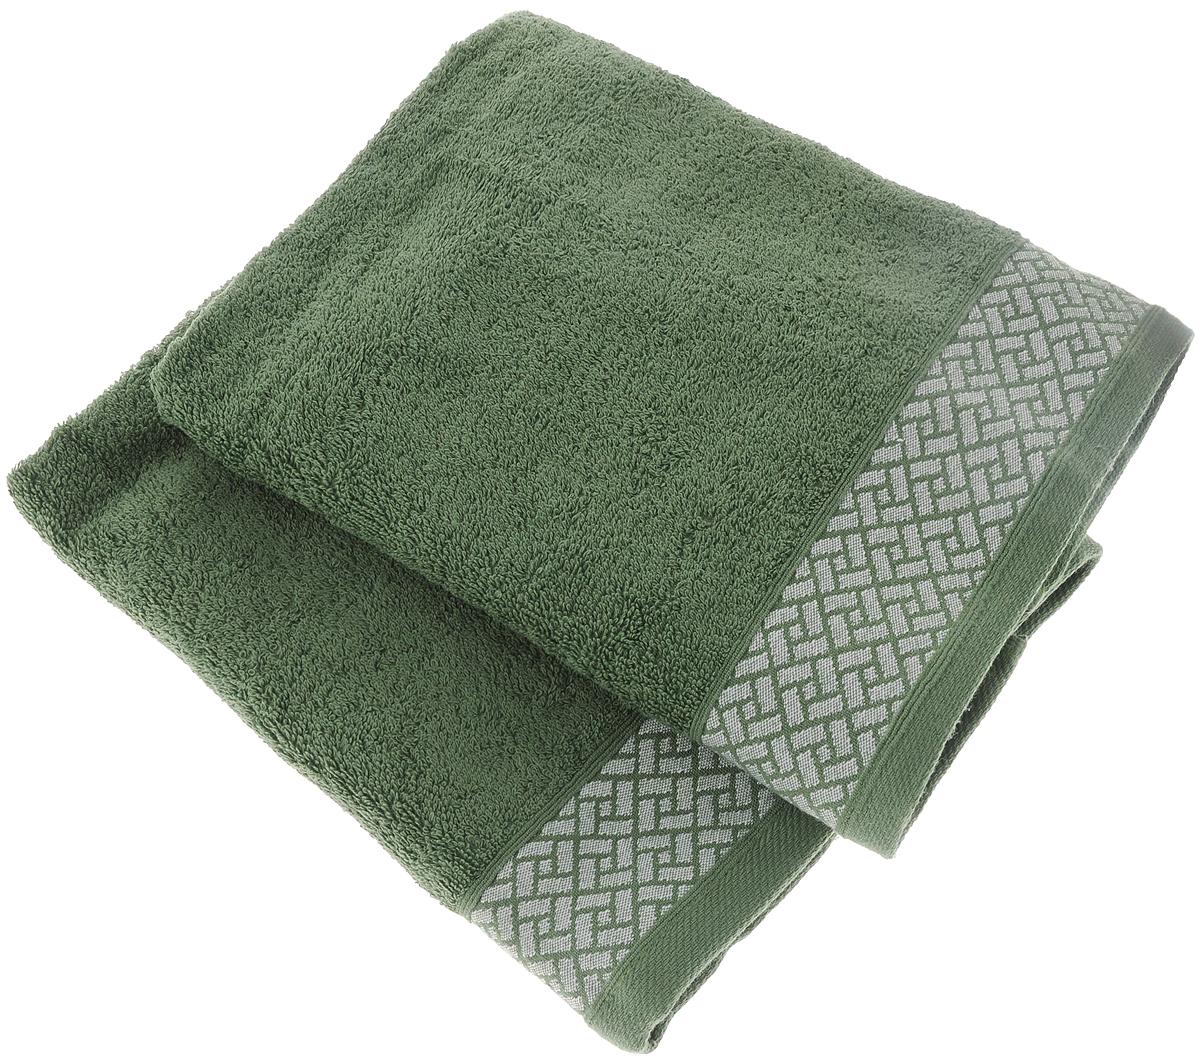 Набор полотенец Tete-a-Tete Лабиринт, цвет: зеленый, 50 х 90 см, 2 штУП-002-01кНабор Tete-a-Tete Лабиринт состоит из двух махровых полотенец, выполненных из натурального 100% хлопка. Бордюр полотенец декорирован геометрическим узором. Изделия мягкие, отлично впитывают влагу, быстро сохнут, сохраняют яркость цвета и не теряют форму даже после многократных стирок. Полотенца Tete-a-Tete Лабиринт очень практичны и неприхотливы в уходе. Они легко впишутся в любой интерьер благодаря своей нежной цветовой гамме. Набор упакован в красивую коробку и может послужить отличной идеей для подарка.Размер полотенец: 50 х 90 см.